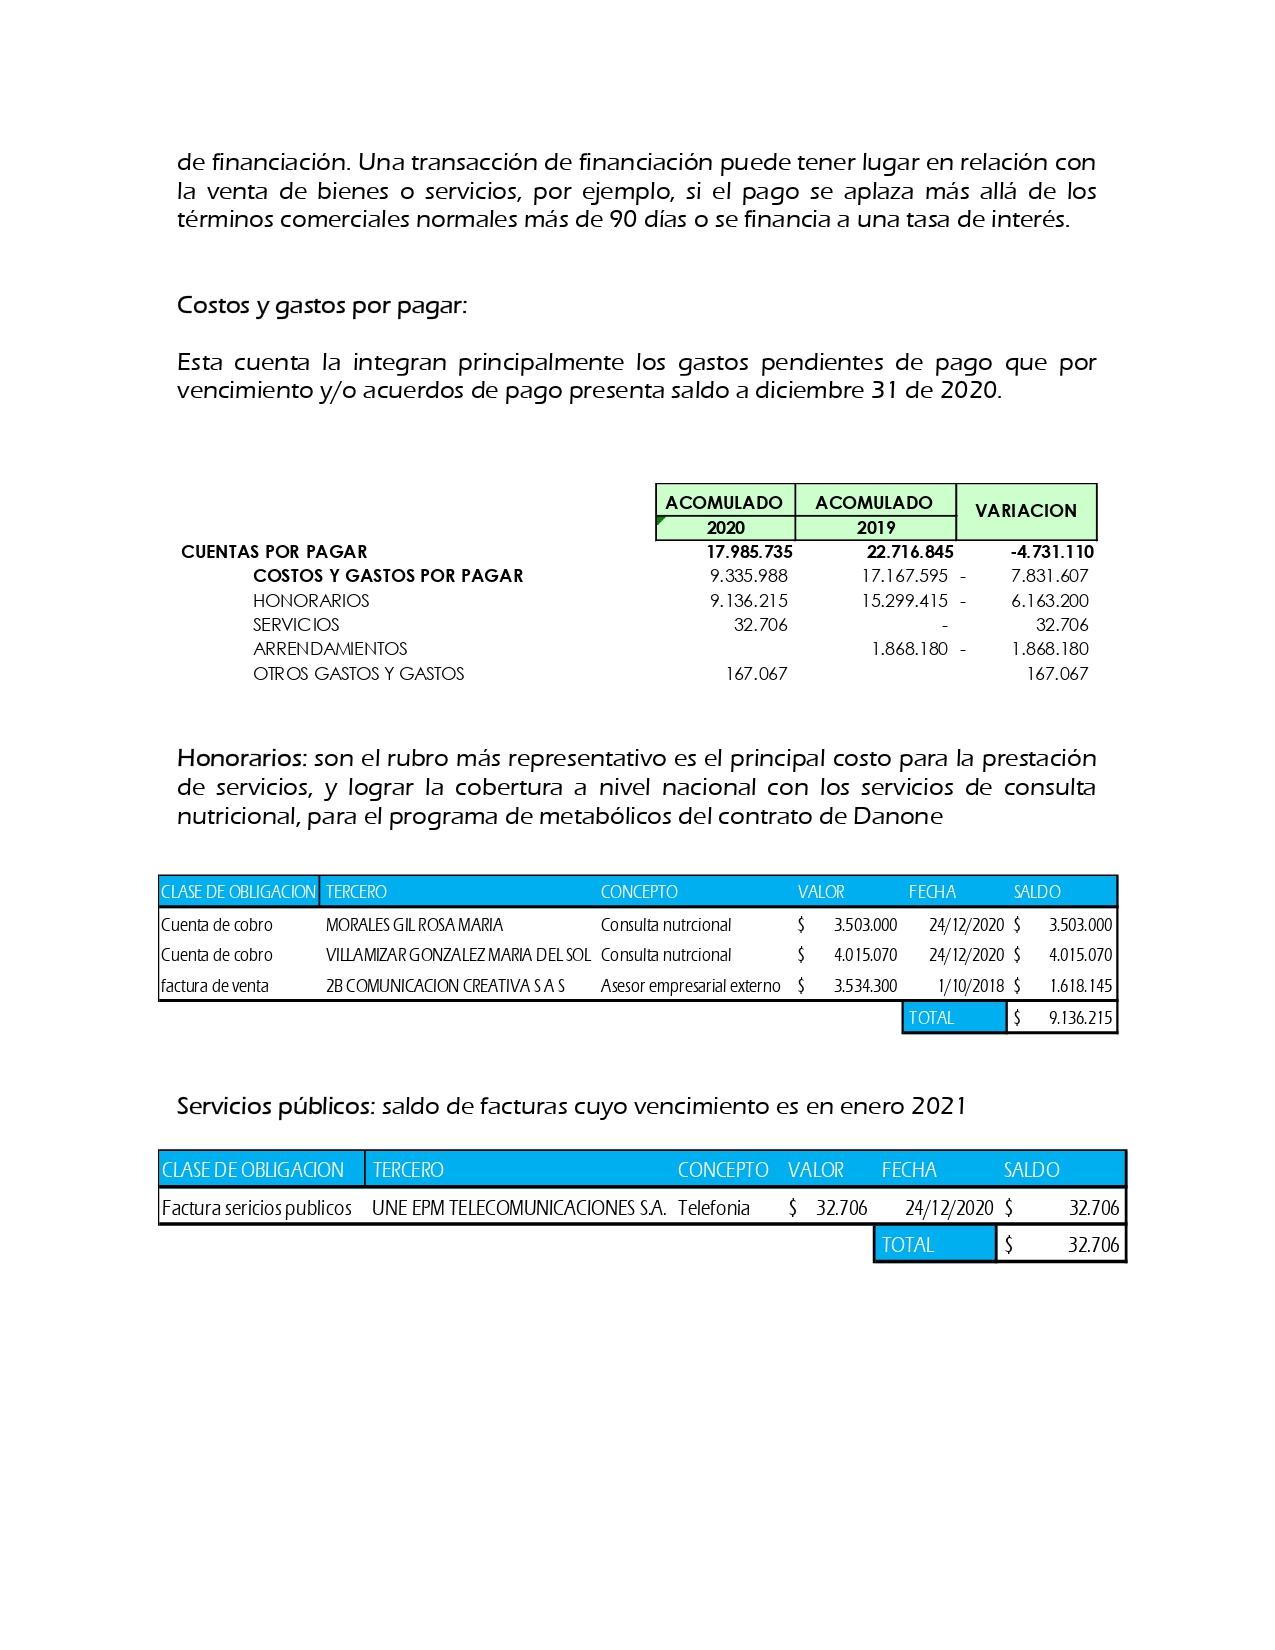 Estados Financieros Fundacion Fundem 2020_page-0022